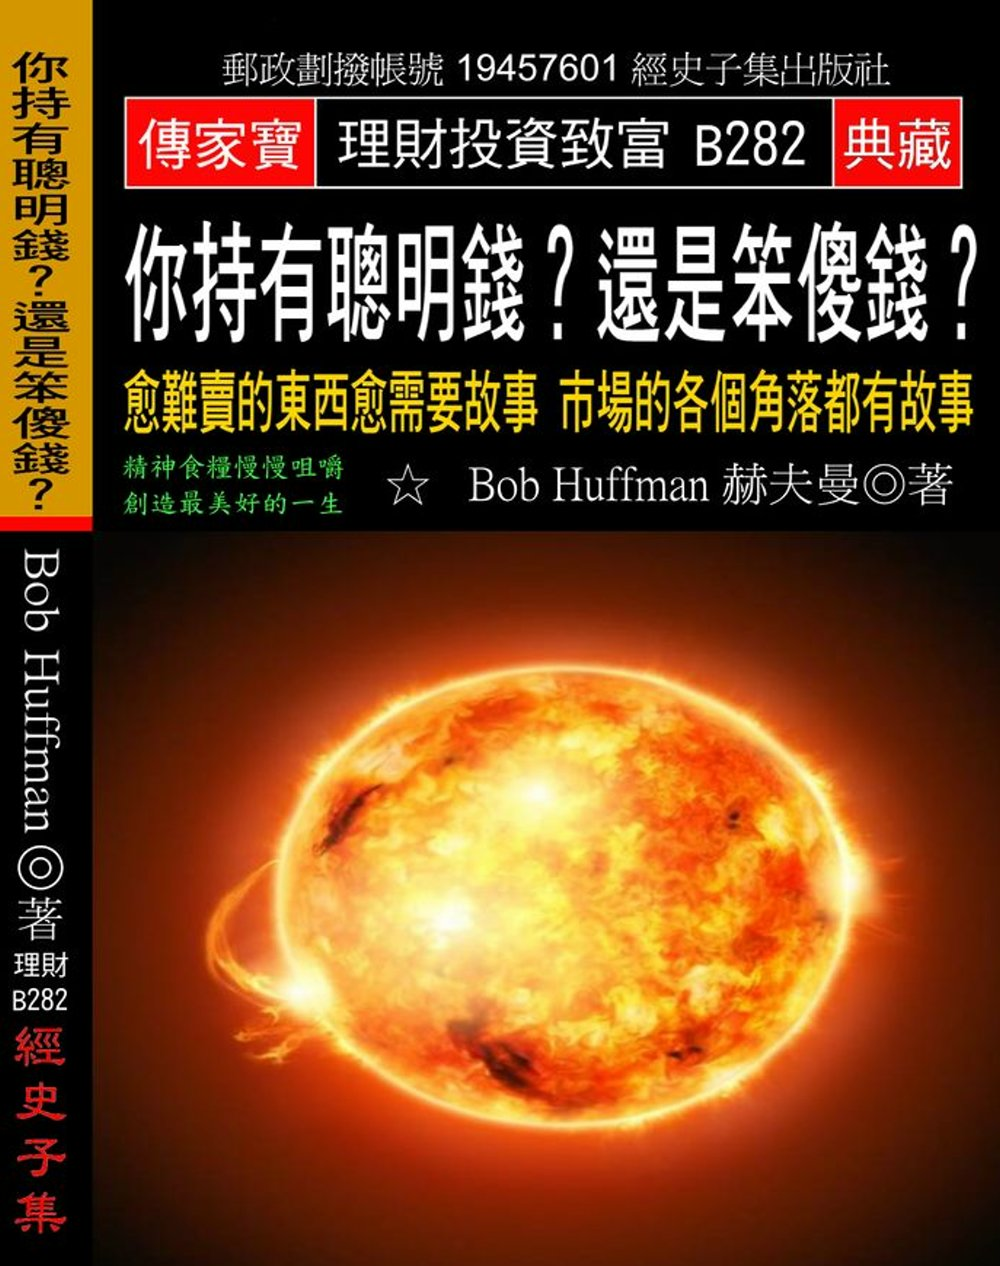 《你持有聰明錢?還是笨傻錢?:愈難賣的東西愈需要故事 市場的各個角落都有故事》 商品條碼,ISBN:9789863912033